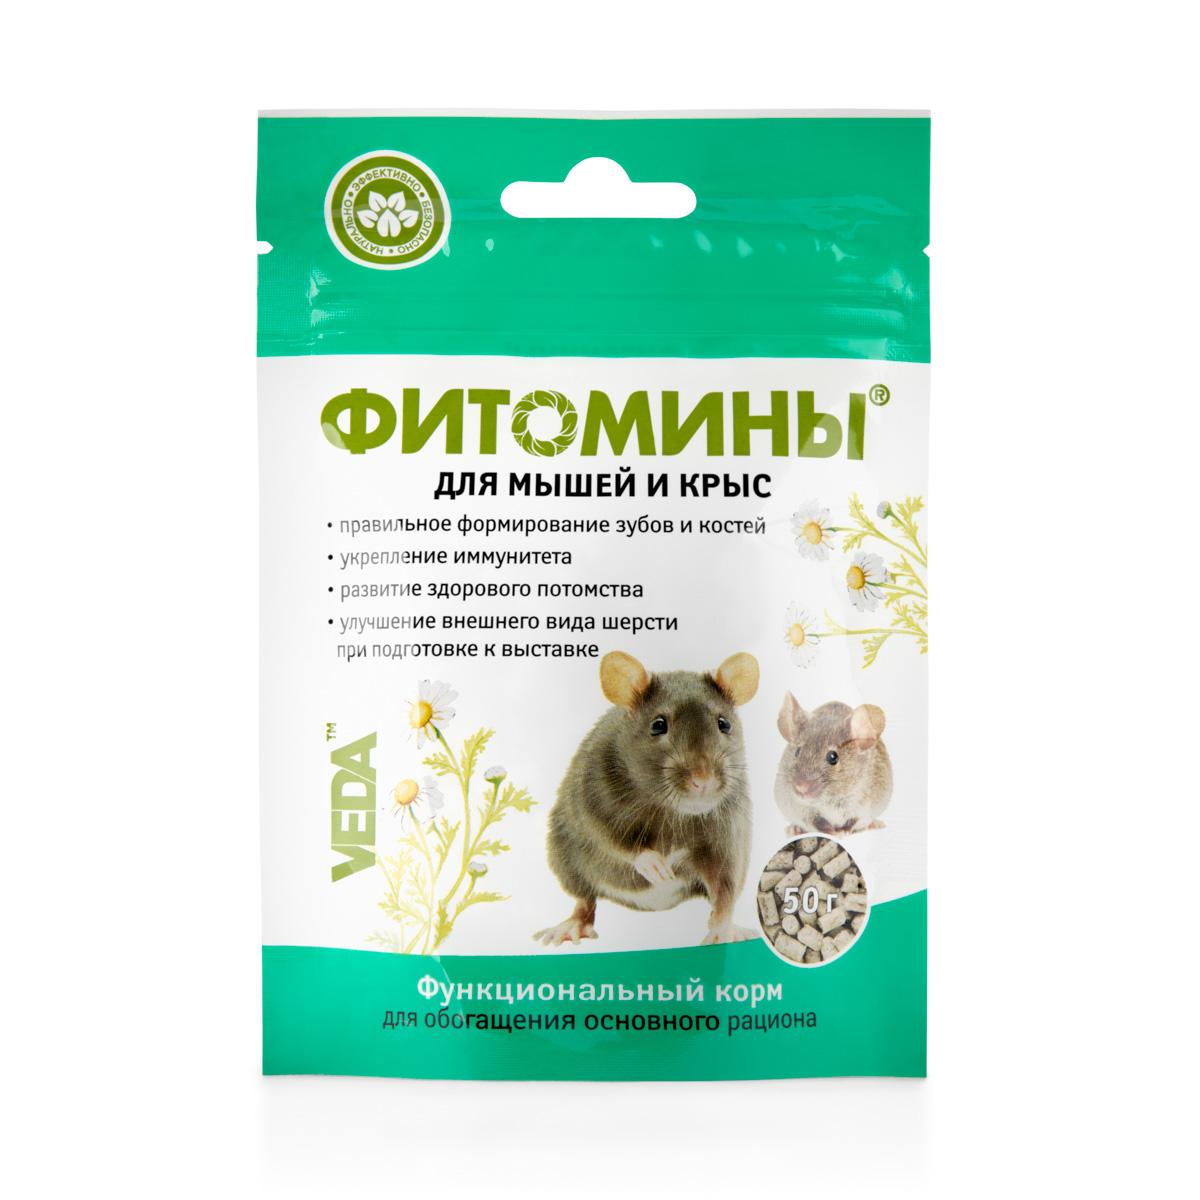 Корм для мышей и крыс VEDA Фитомины, функциональный , 50 г4605543006203Корм функциональный VEDA Фитомины восполняет рацион мышей и крыс дефицитными витаминами, макро- и микроэлементами. Рекомендуется включать в рацион: - для правильного формирования зубов и костей, - для укрепления общего иммунитета, - для обеспечения рождения здорового потомства, - при подготовке к выставкам для улучшения состояния шерсти. Состав: сок с мякотью морковный, сок с мякотью тыквенный; природный минеральный комплекс; сера кормовая; фитокомплекс экстрактов растений: цветков лабазника вязолистного, корней одуванчика, травы эхинацеи пурпурной, травы подмаренника, травы тысячелистника, плодов шиповника, корней и корневищ солодки, корней лопуха; обогащенный кальций; ячмень без пленки; сухое обезжиренное молоко; масло подсолнечное; соль поваренная пищевая; ароматизатор. В 100 г продукта содержится (не менее): углеводы 64,0 г; жиры 2,8 г; белки 15,0 г; кальций 600 мг; фосфор 360 мг; железо 15,0 мг; цинк 4 мг; магний...